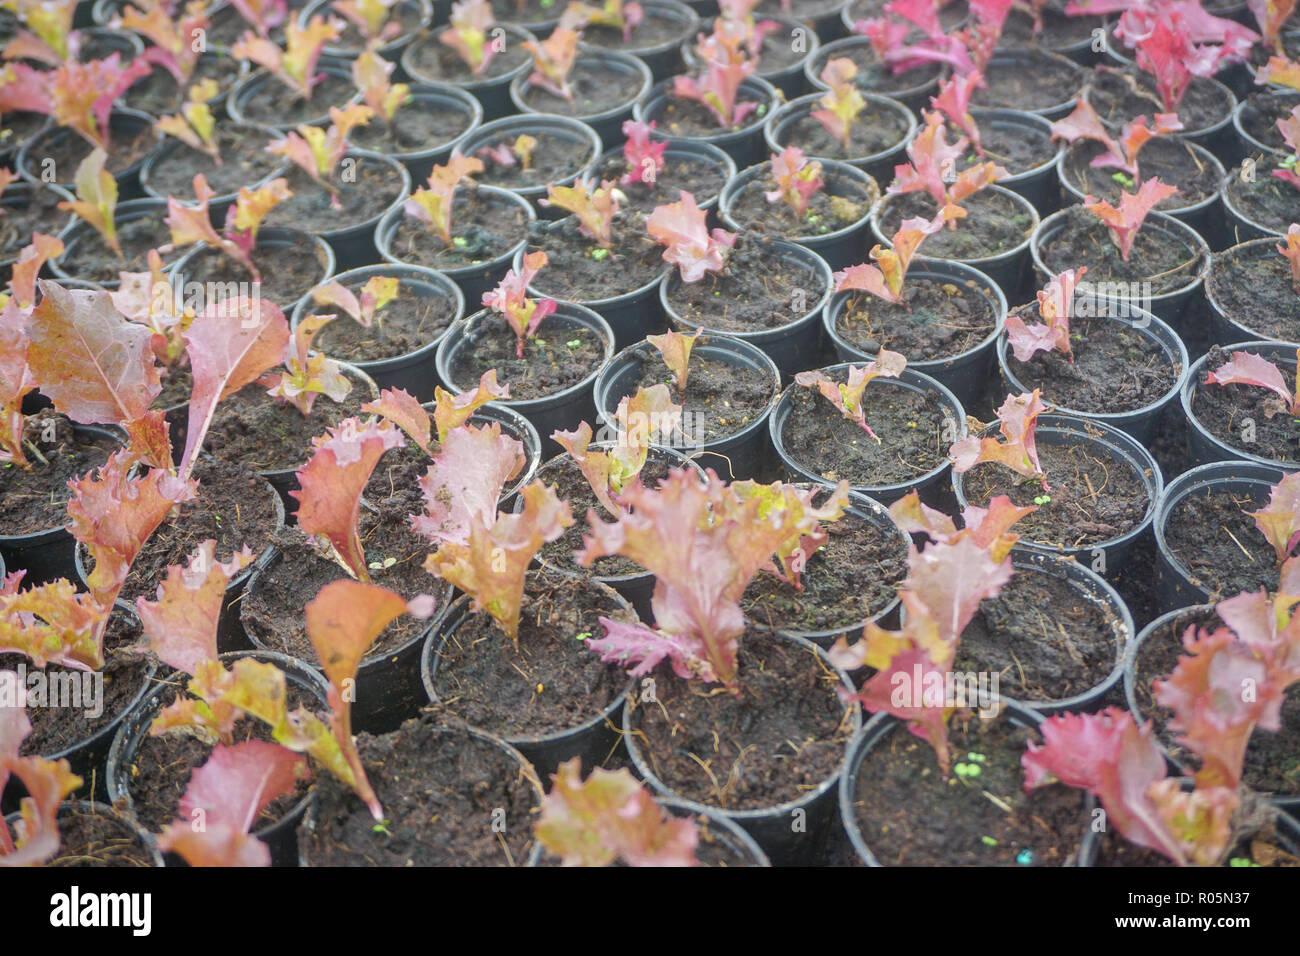 Cultiva vegetales orgánicos frescos para aquaponic o agricultura hidropónica. Foto de stock